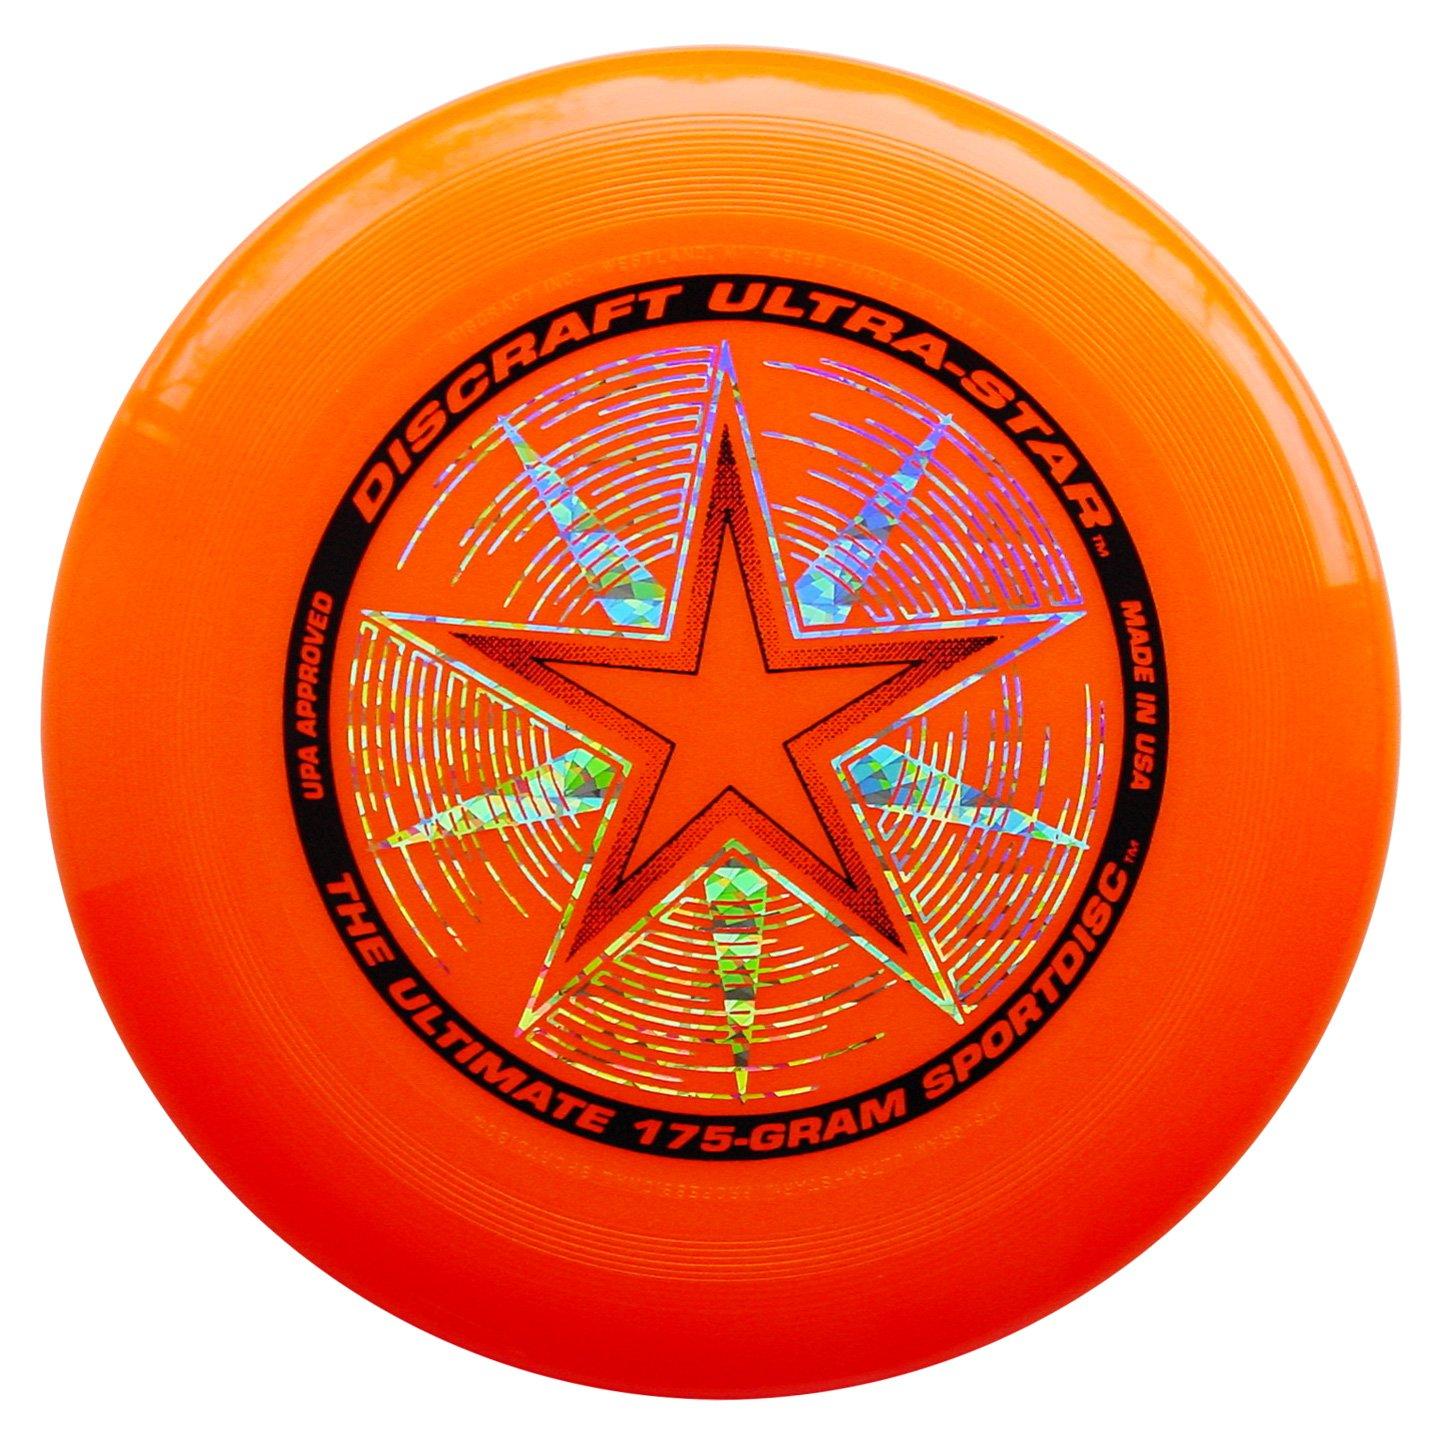 Discraft 175 gram Ultra Star Sport Disc, Bright Orange by Discraft